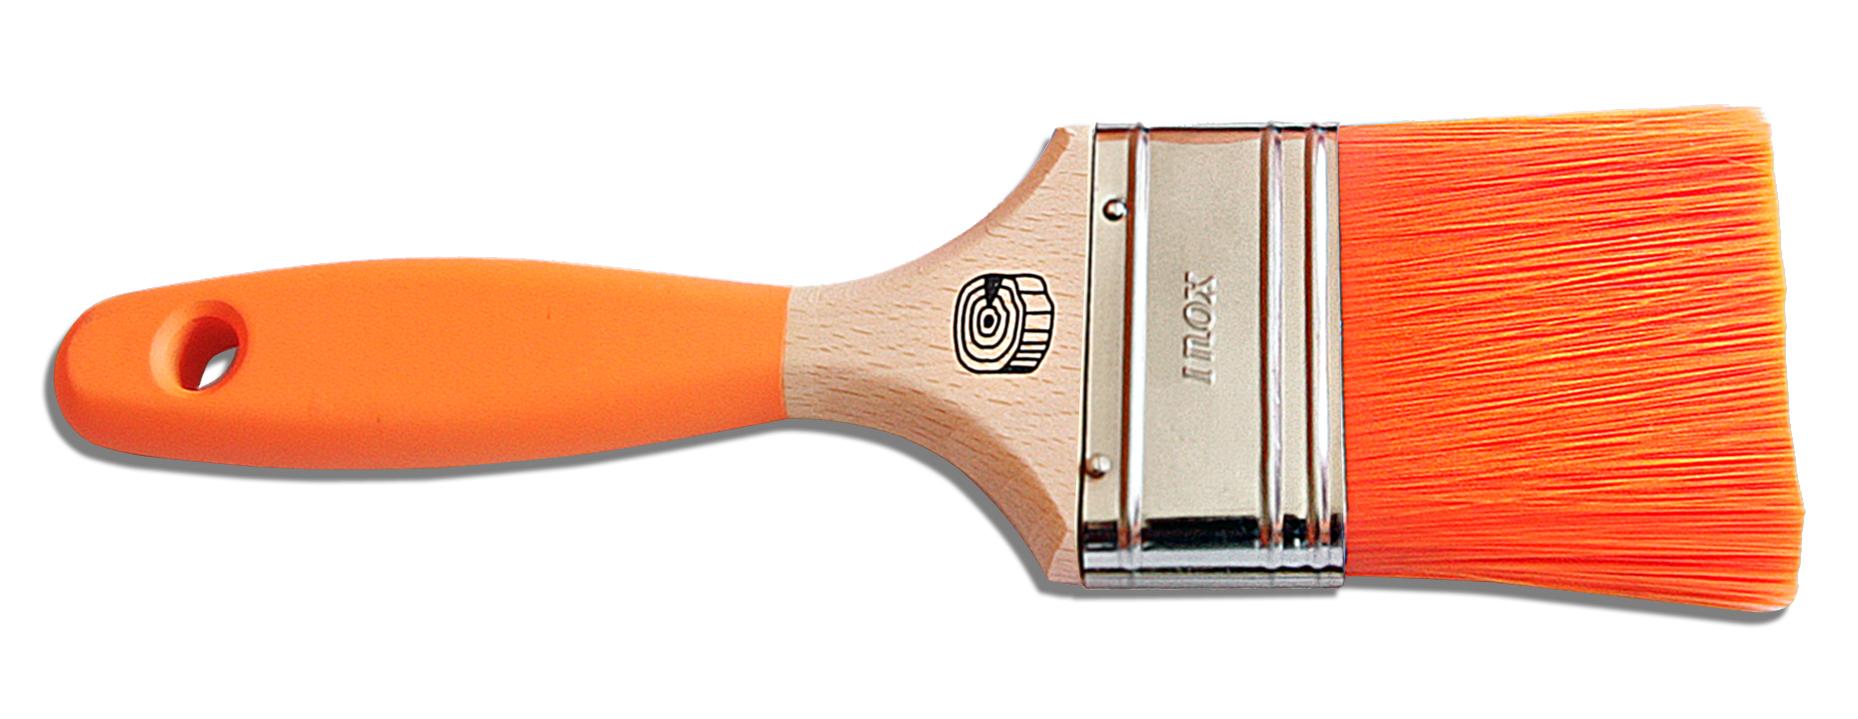 Proteger la madera